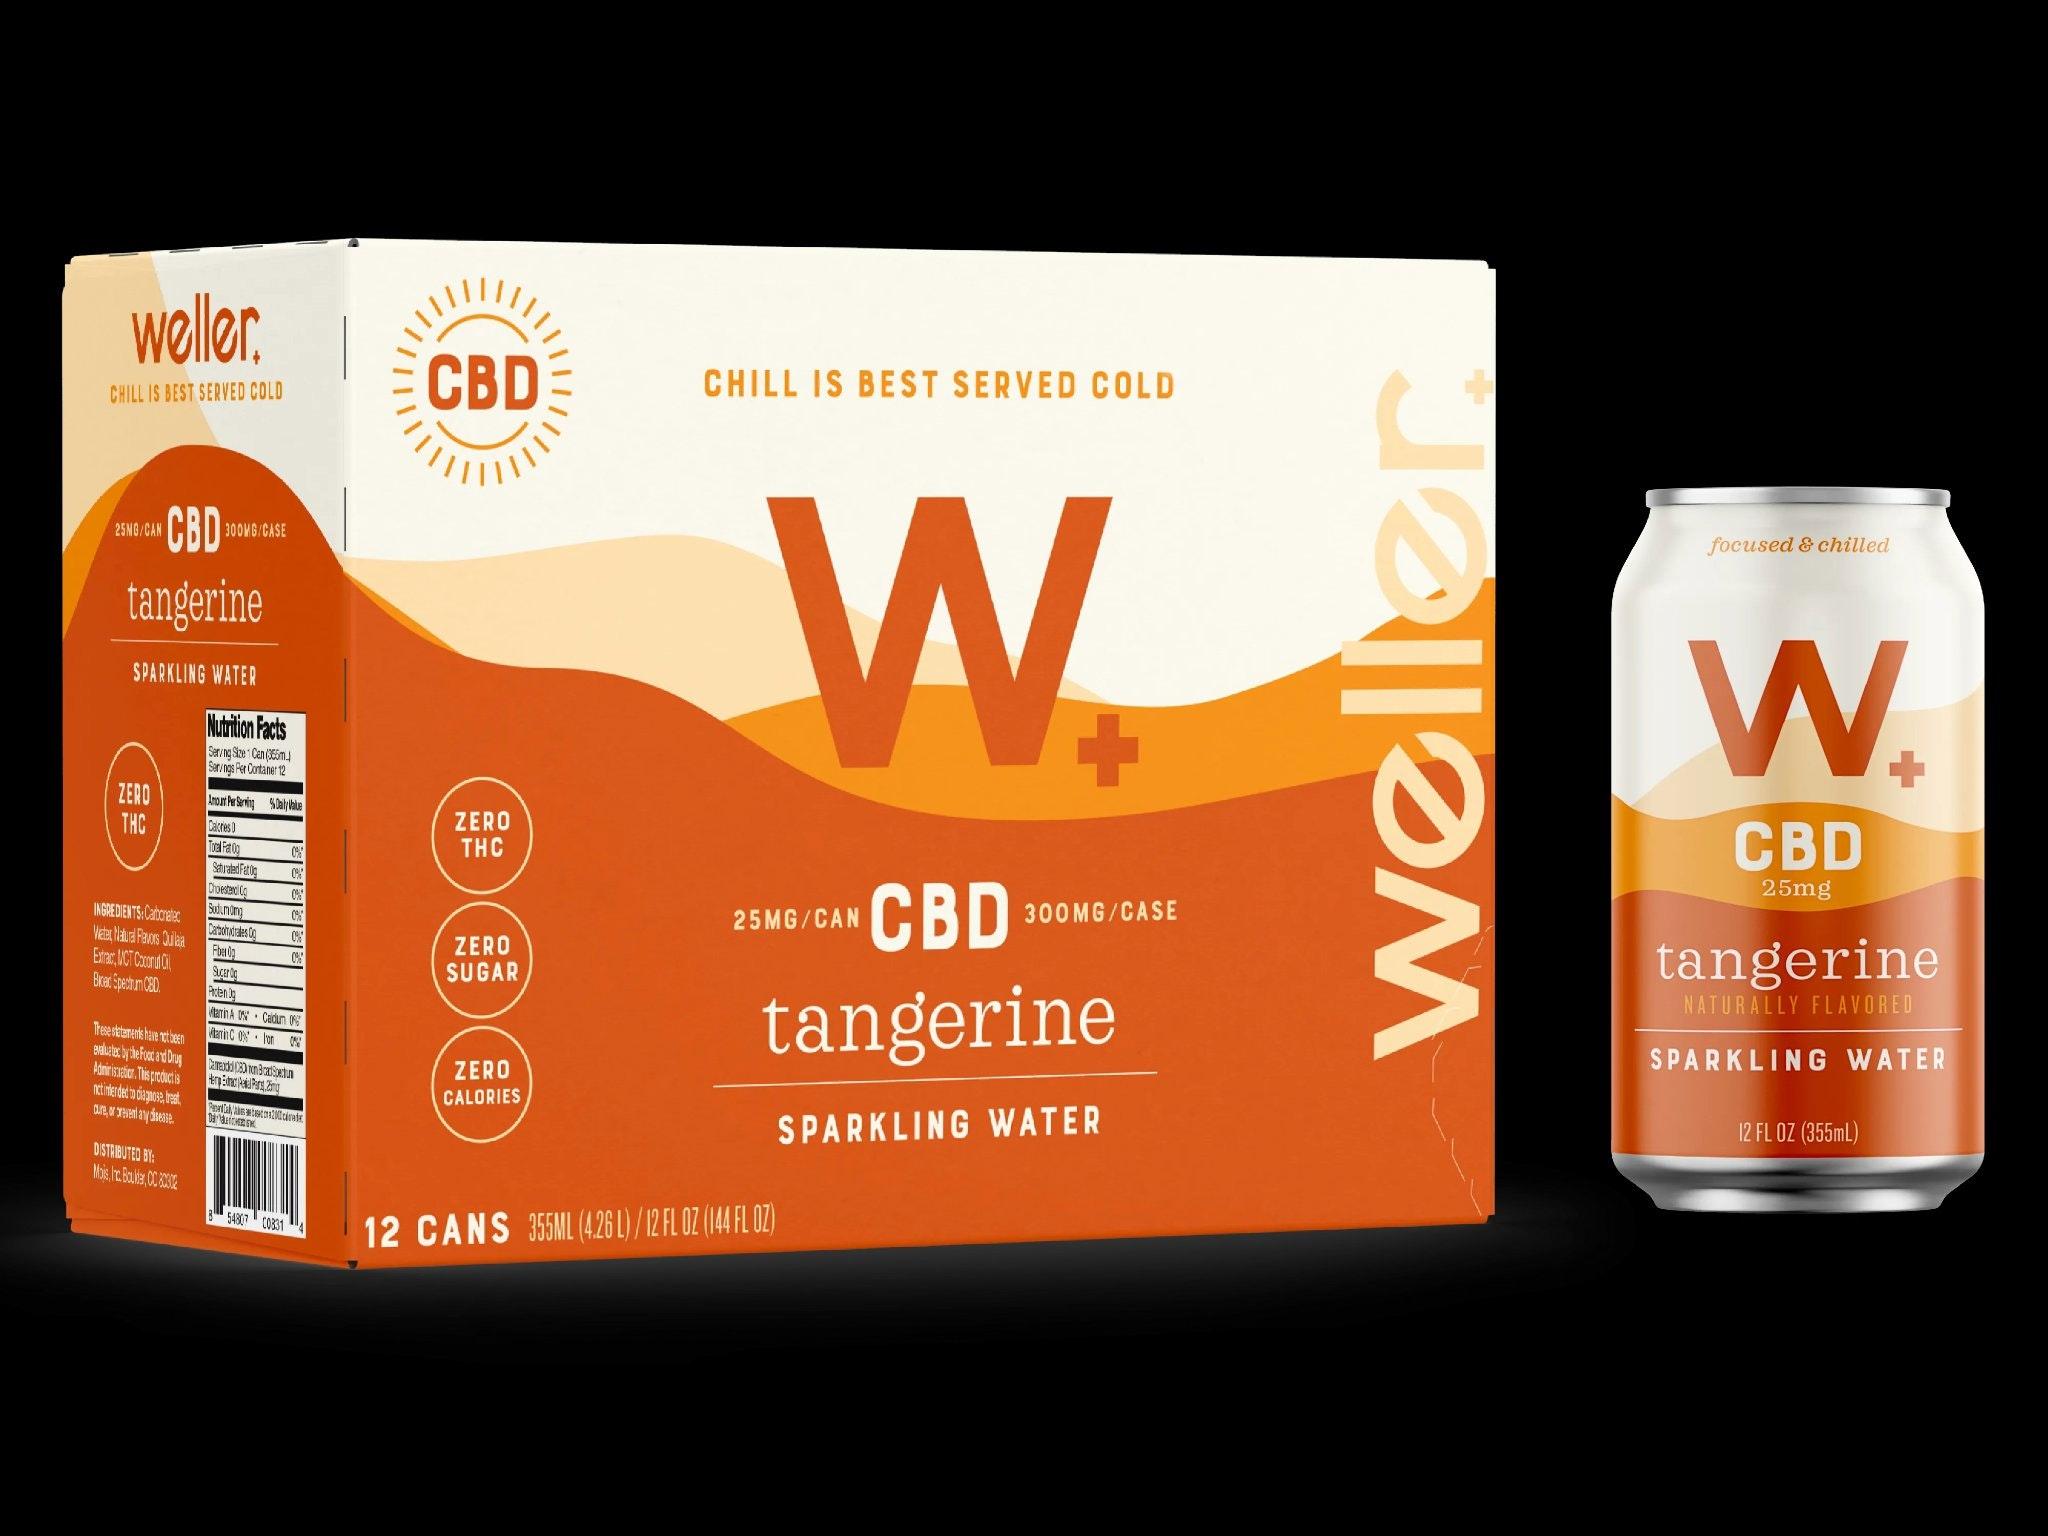 Weller Tangerine Cbd Soda